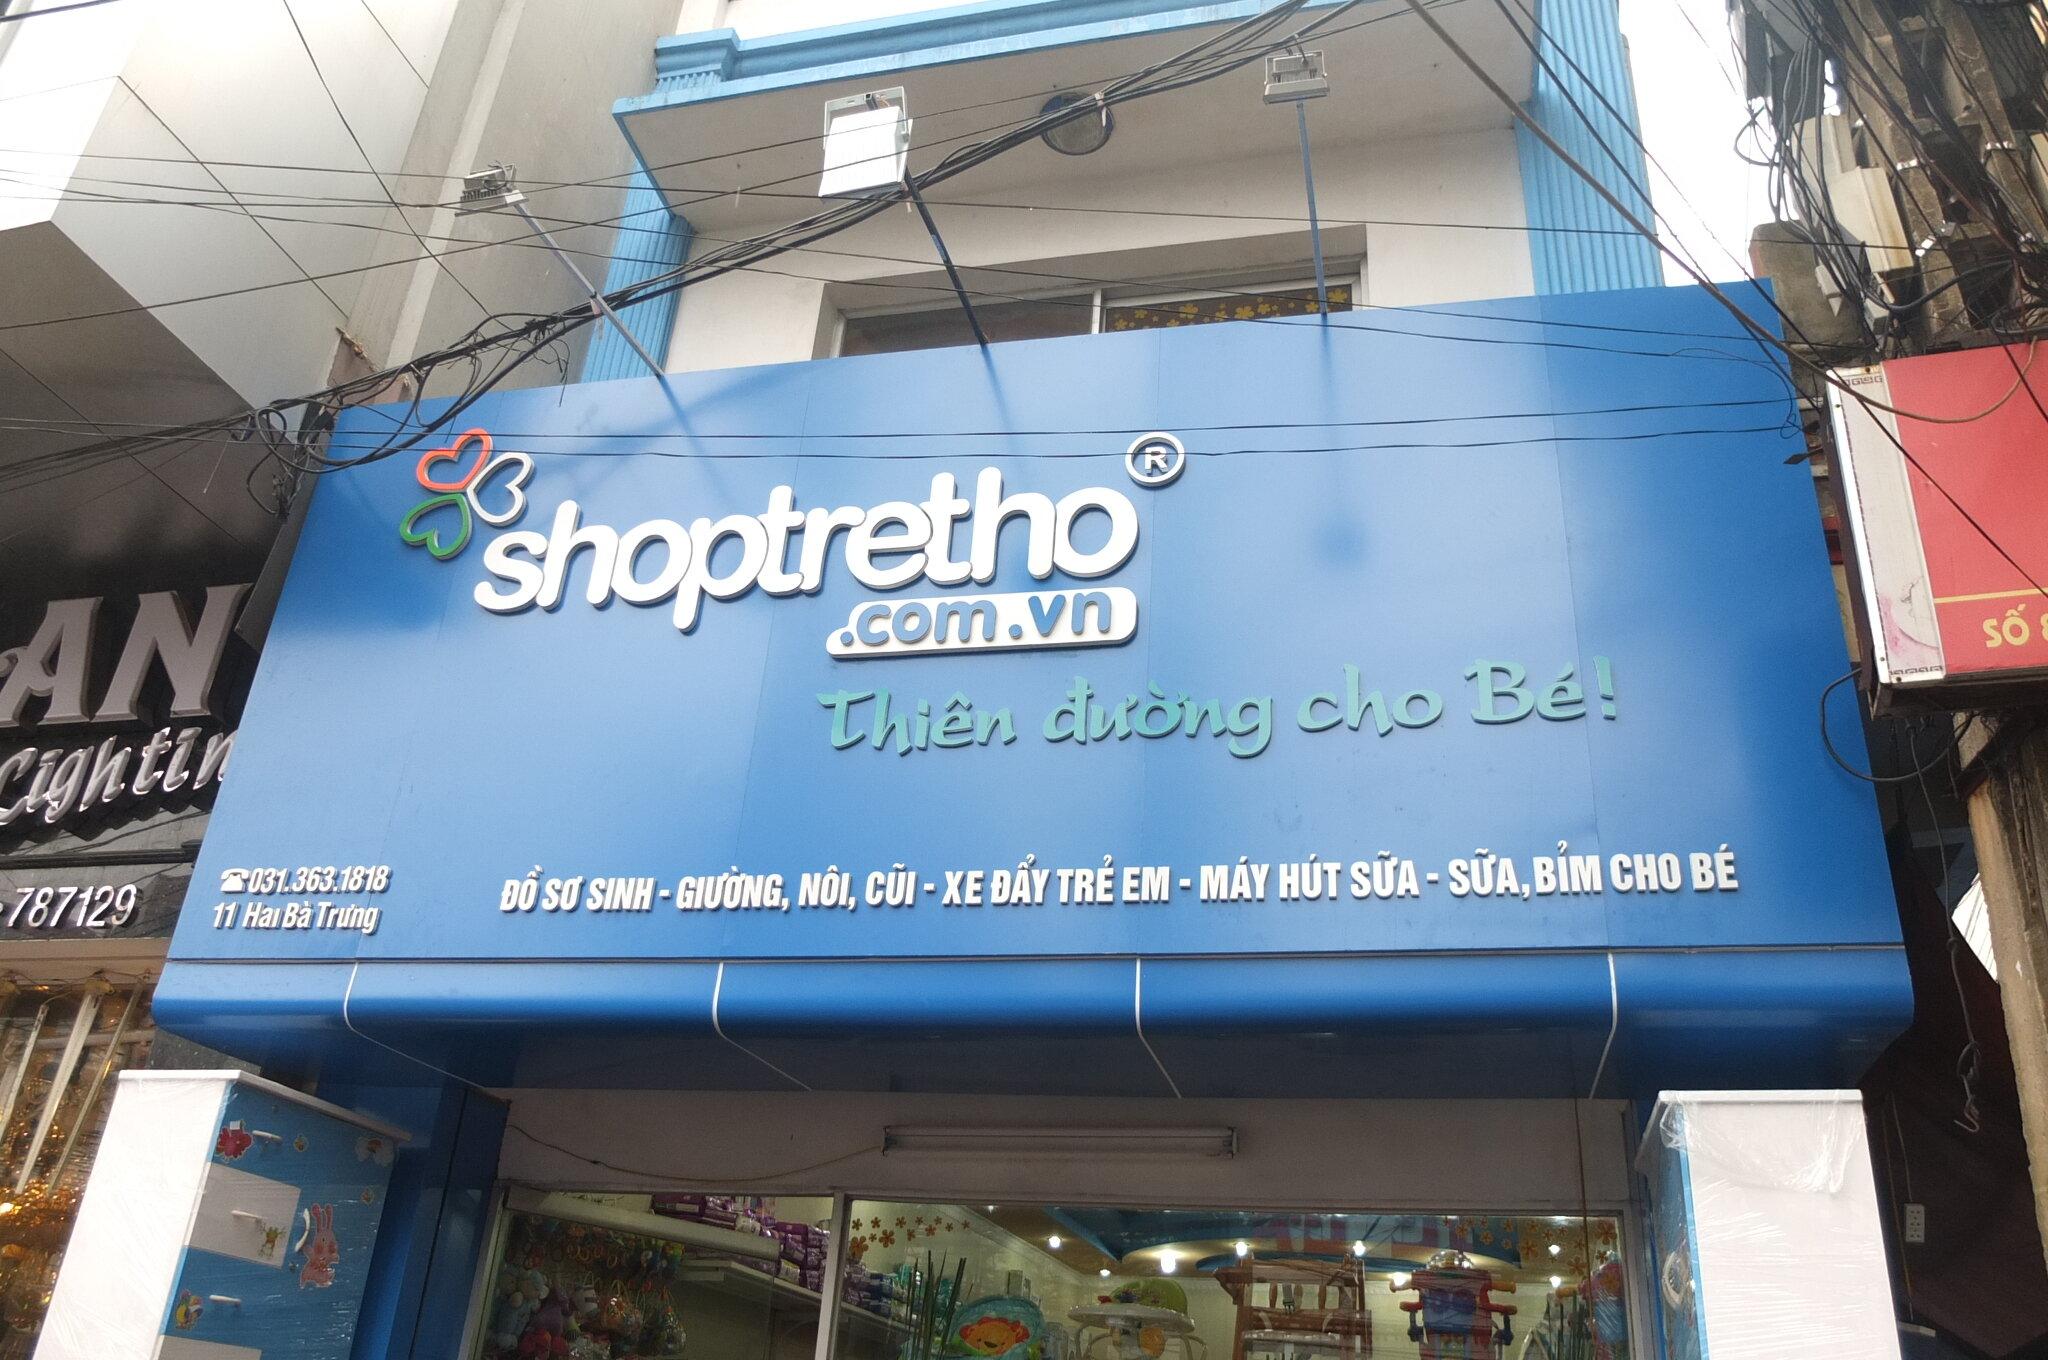 Tổng hợp địa chỉ cửa hàng Mẹ và Bé Shop Trẻ Thơ trên toàn quốc